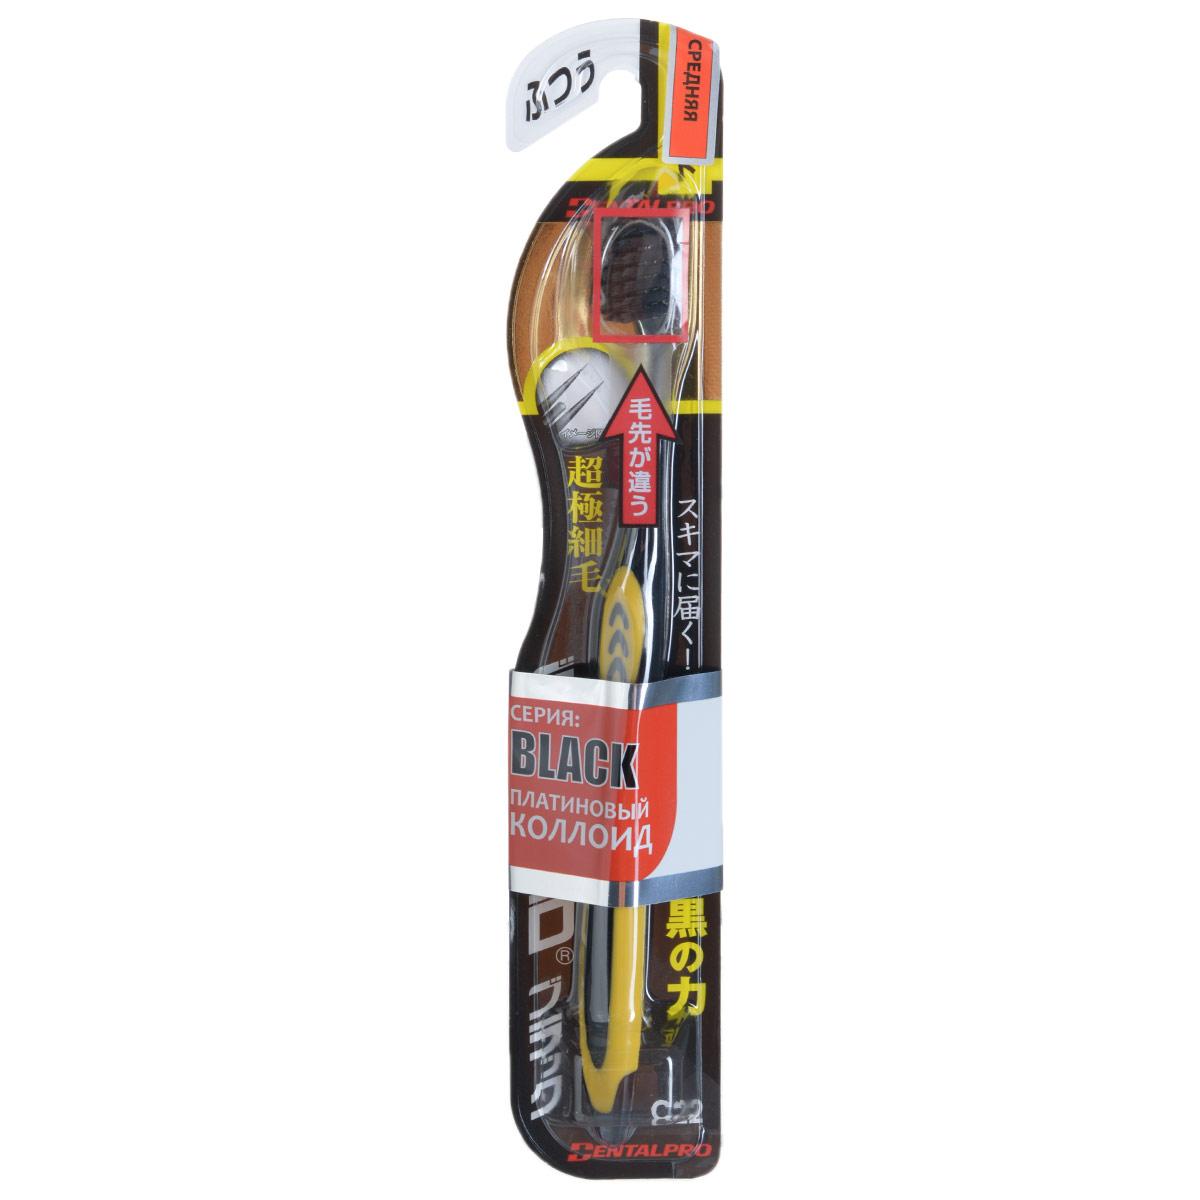 Dentalpro Зубная щетка Black Compact Head, средняя жесткость, цвет: желтый122124_желтыйDentalpro Black Compact Head - зубная щетка со средней жесткостью щетины. Платиновая коллоидная керамика в составе щетинок позволяет эффективно ухаживать за полостью рта даже без использования зубной пасты. Компактная головка щетки позволяет комфортно очищать поверхность зубов в труднодоступных местах. Очистка с технологией PCC на 15% результативнее, а также очистка пародонтального кармана происходит эффективнее благодаря ультратонким щетинкам.Товар сертифицирован.Состав: полипропилен, EPMD.